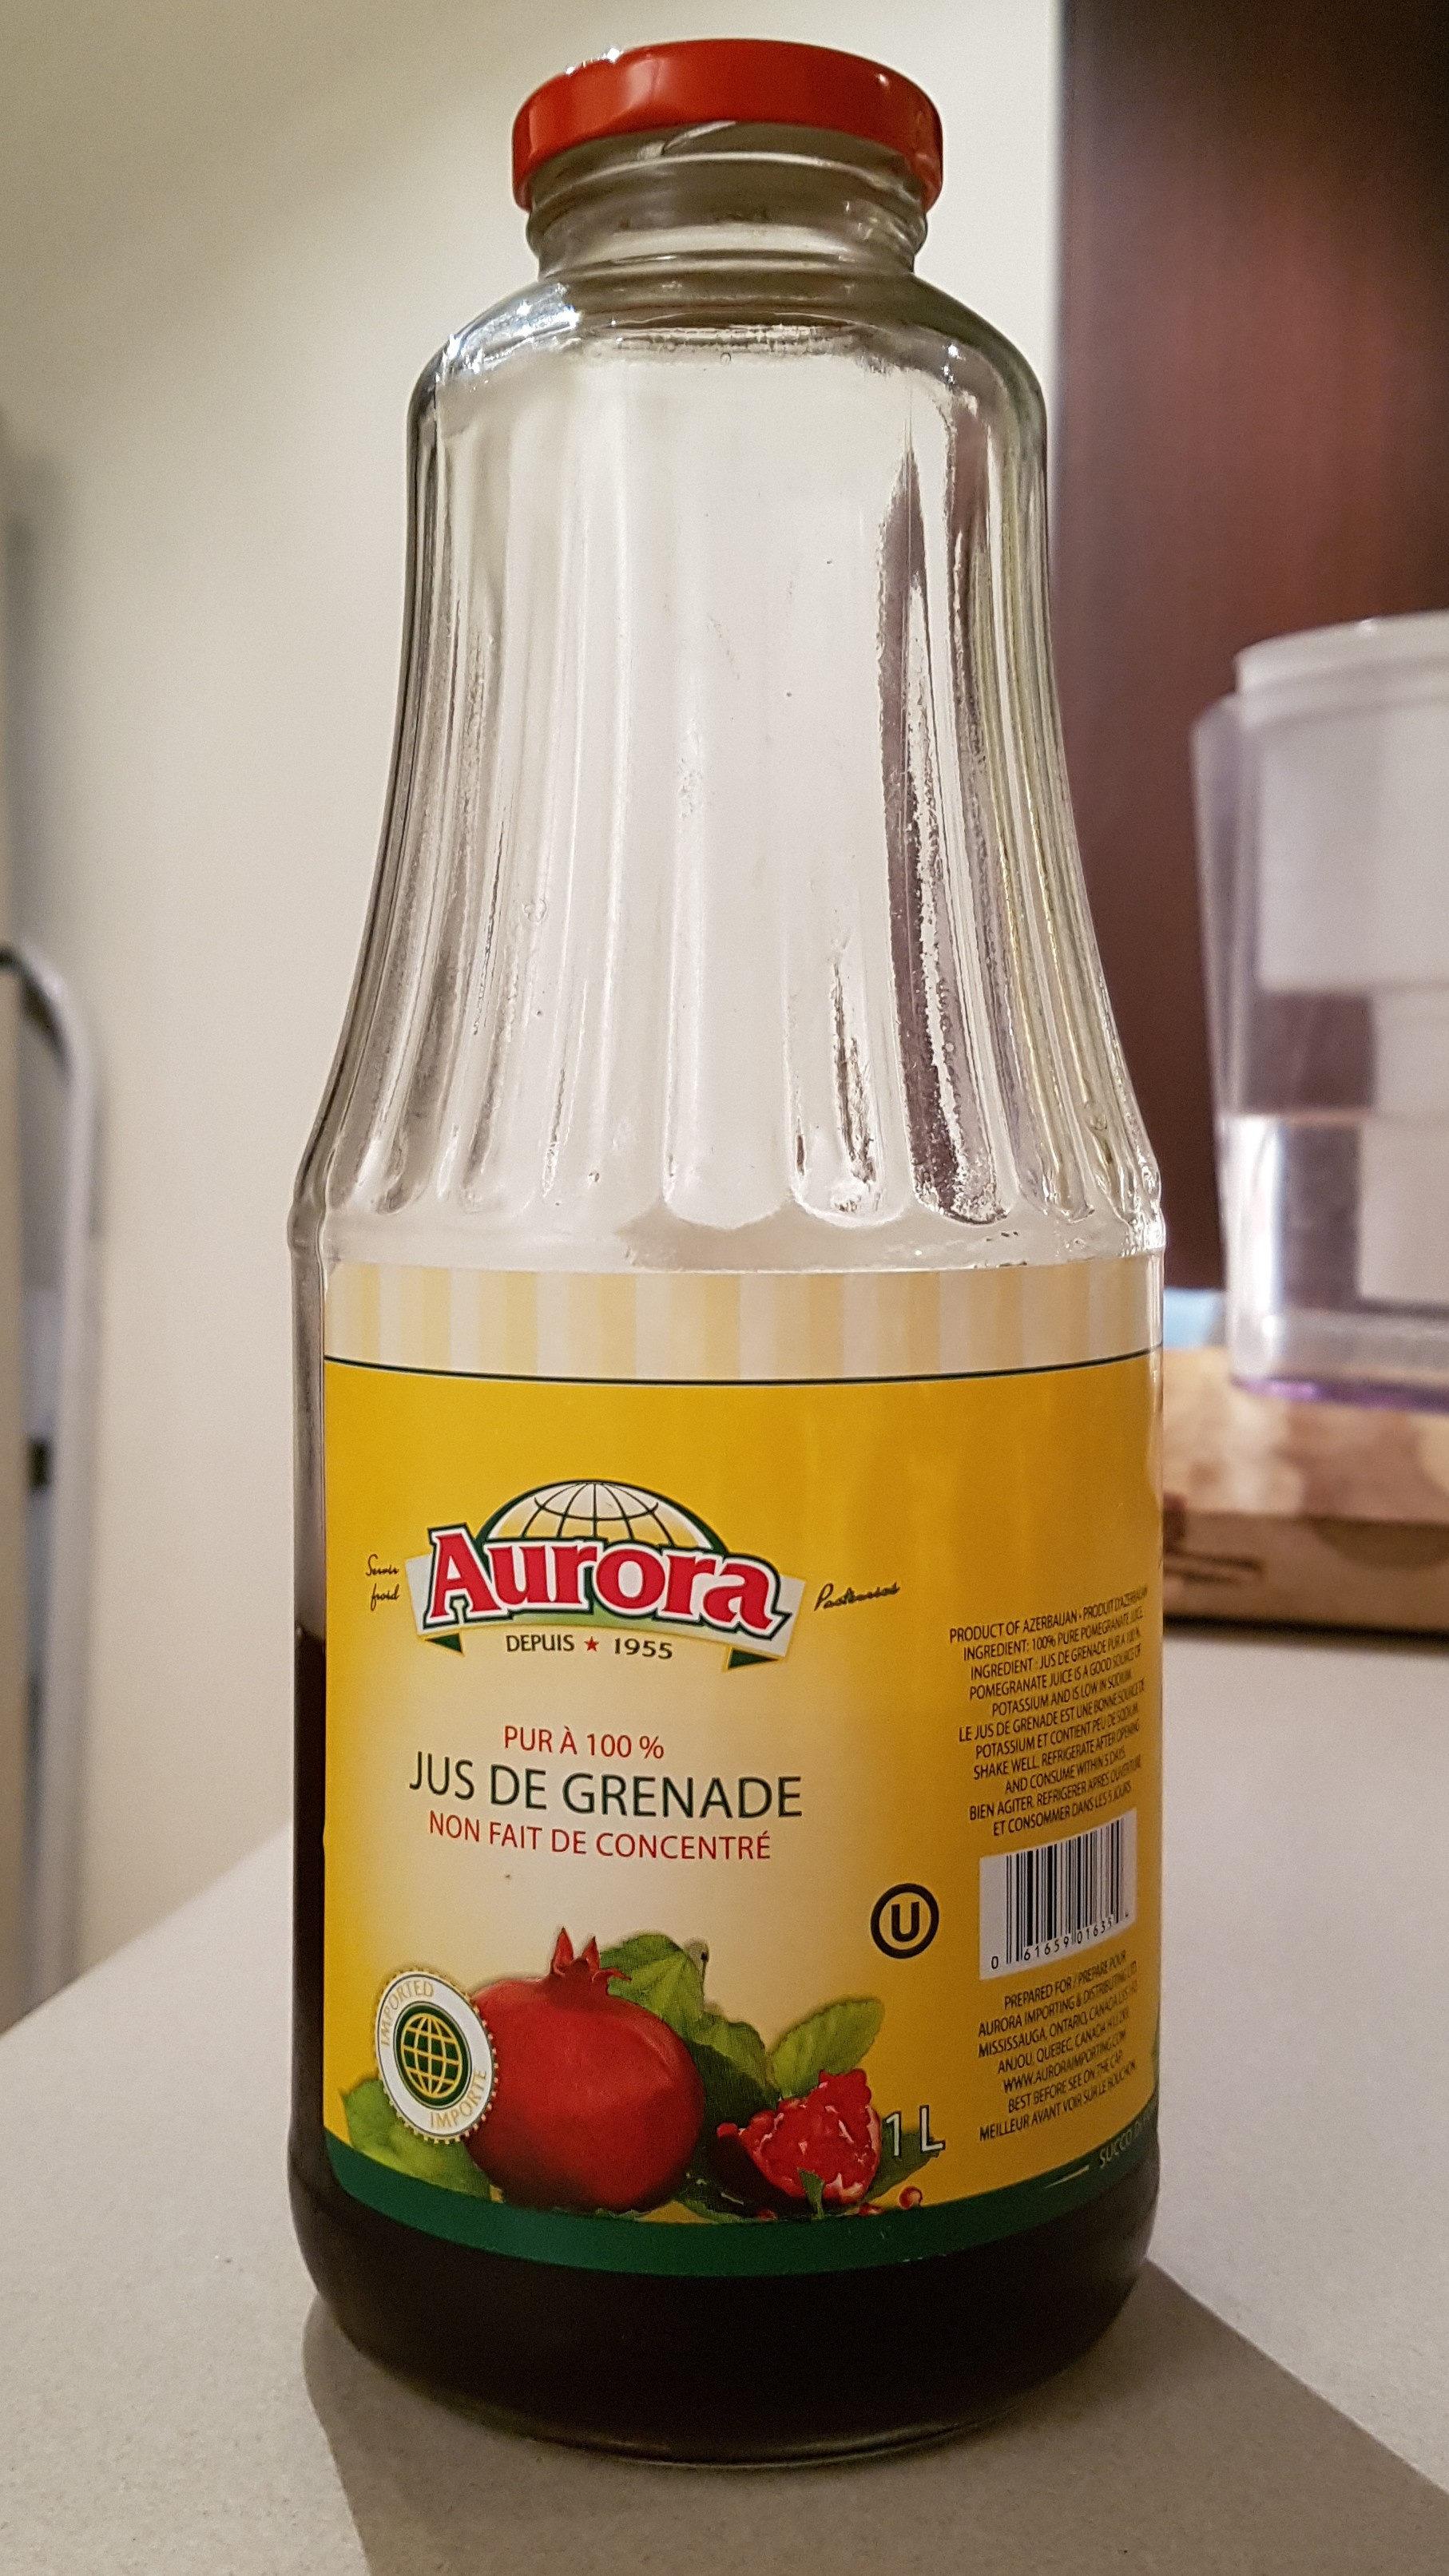 pomegranate juice - Product - en